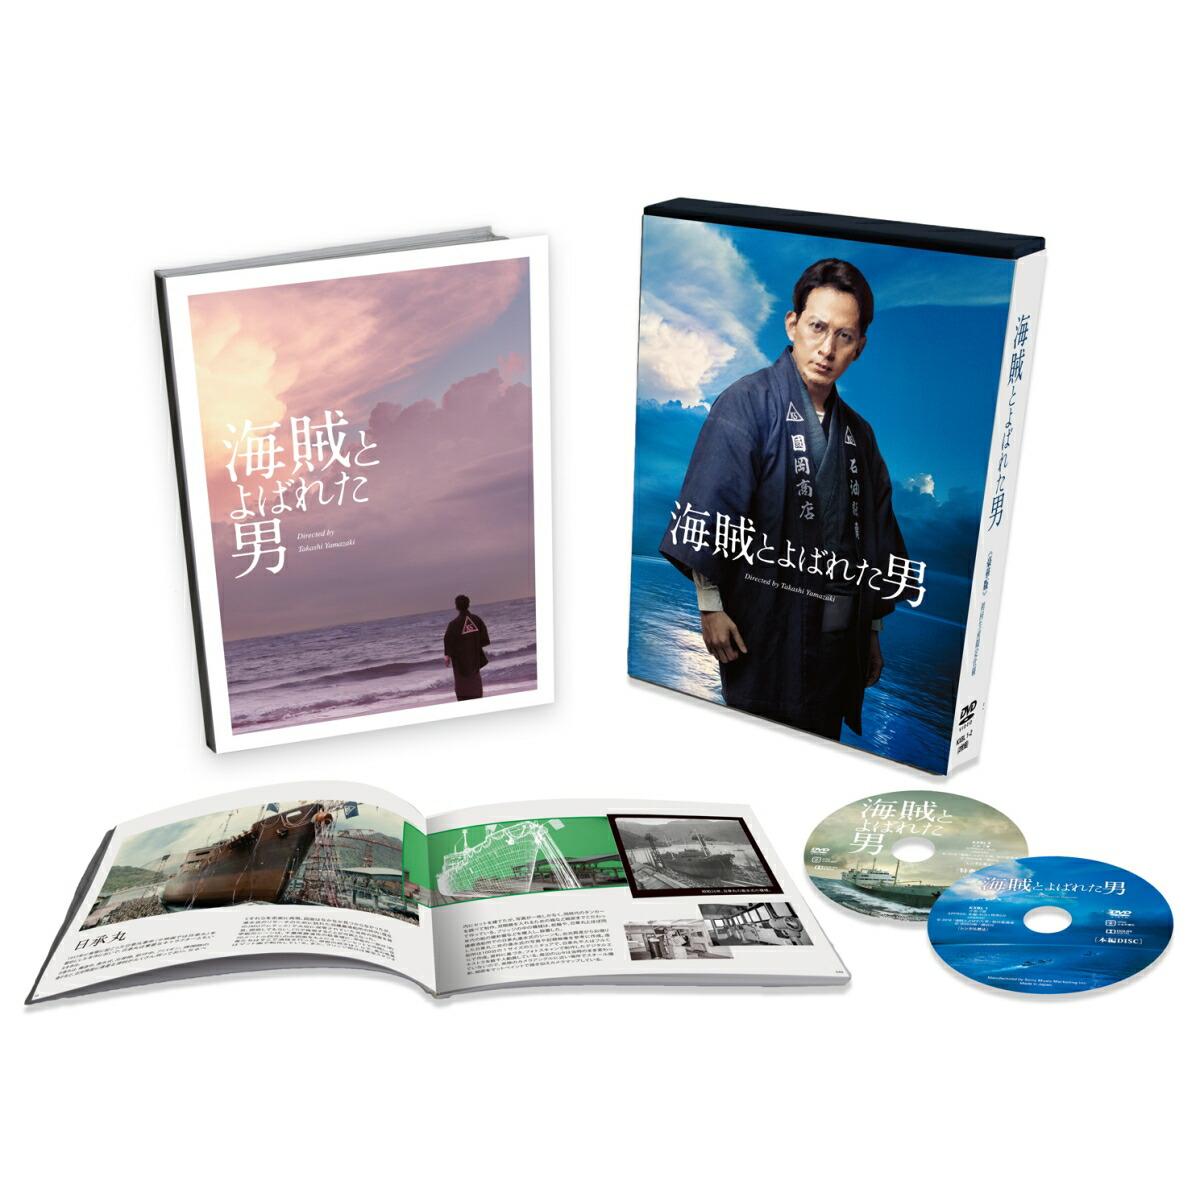 海賊とよばれた男(完全生産限定盤)[KXBL-1/2][DVD]